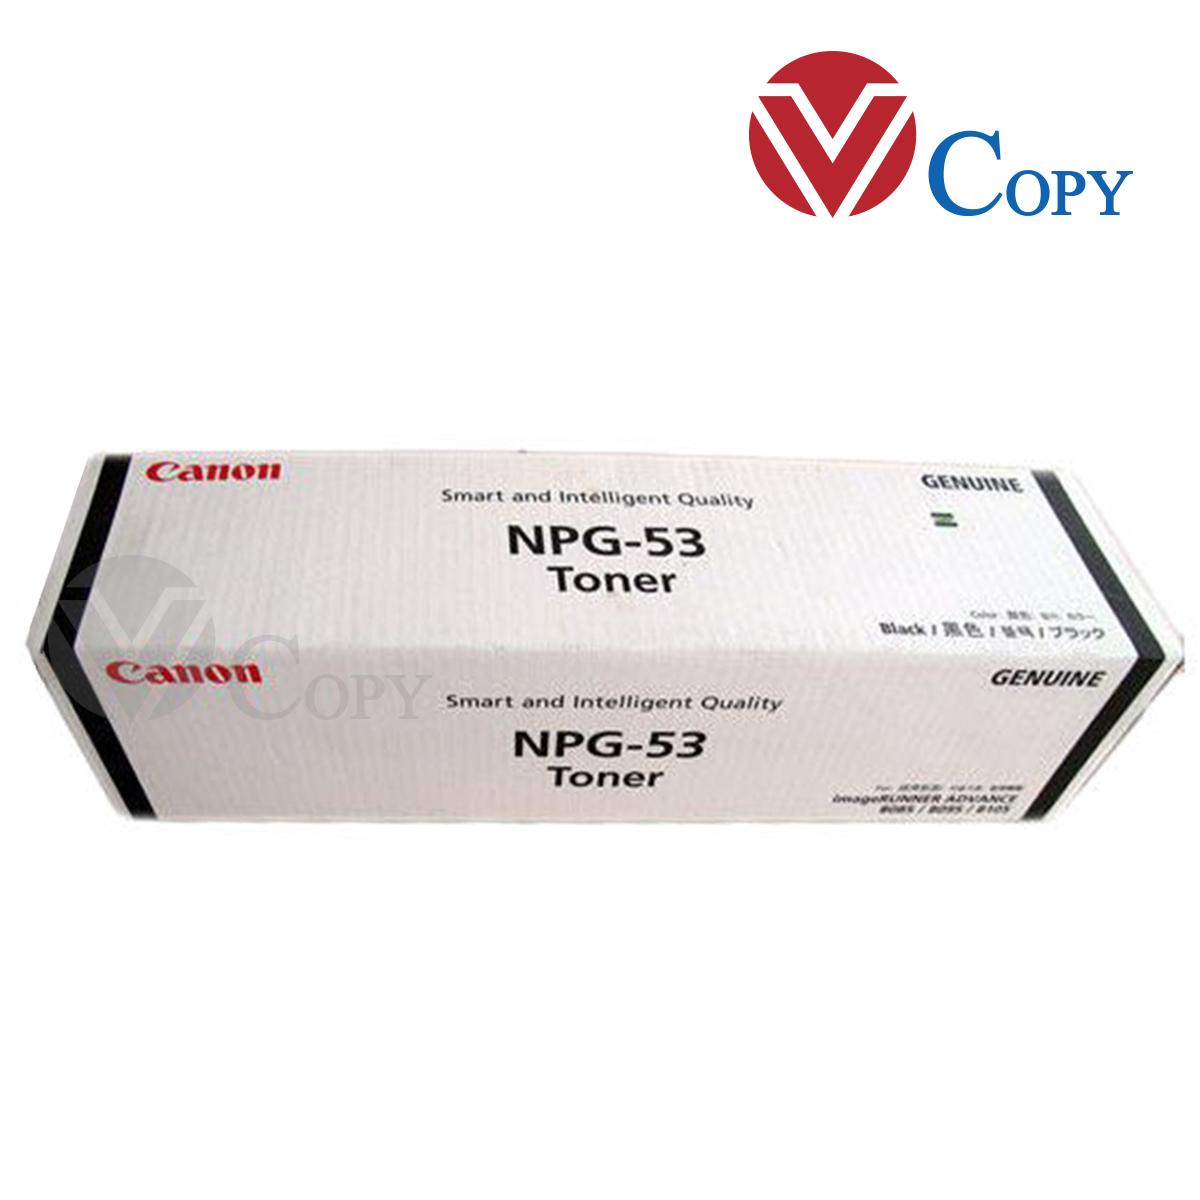 Trống/ Mực Thương hiệu dùng cho máy Photocopy Canon IR -ADV 6055 / 6065 / 6075 - Hộp mực NPG 53/54